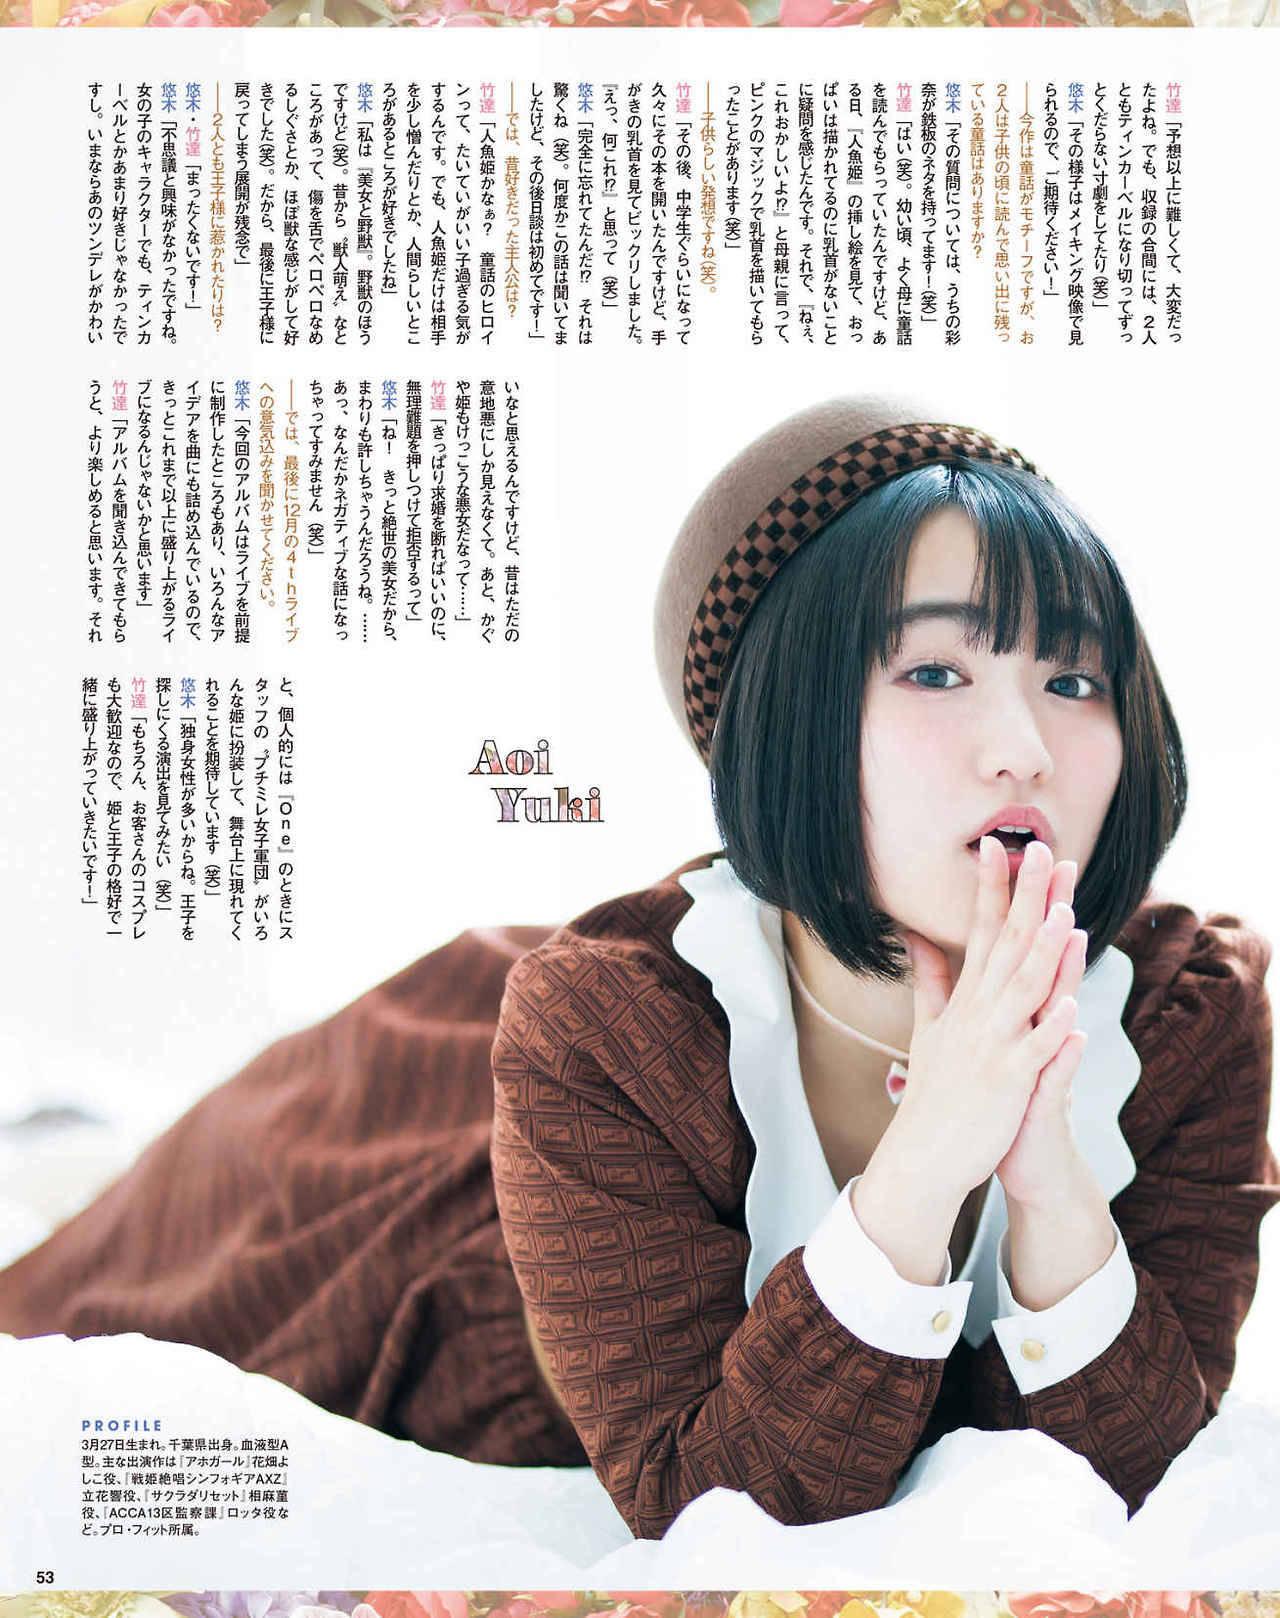 yuuki_aoi157.jpg